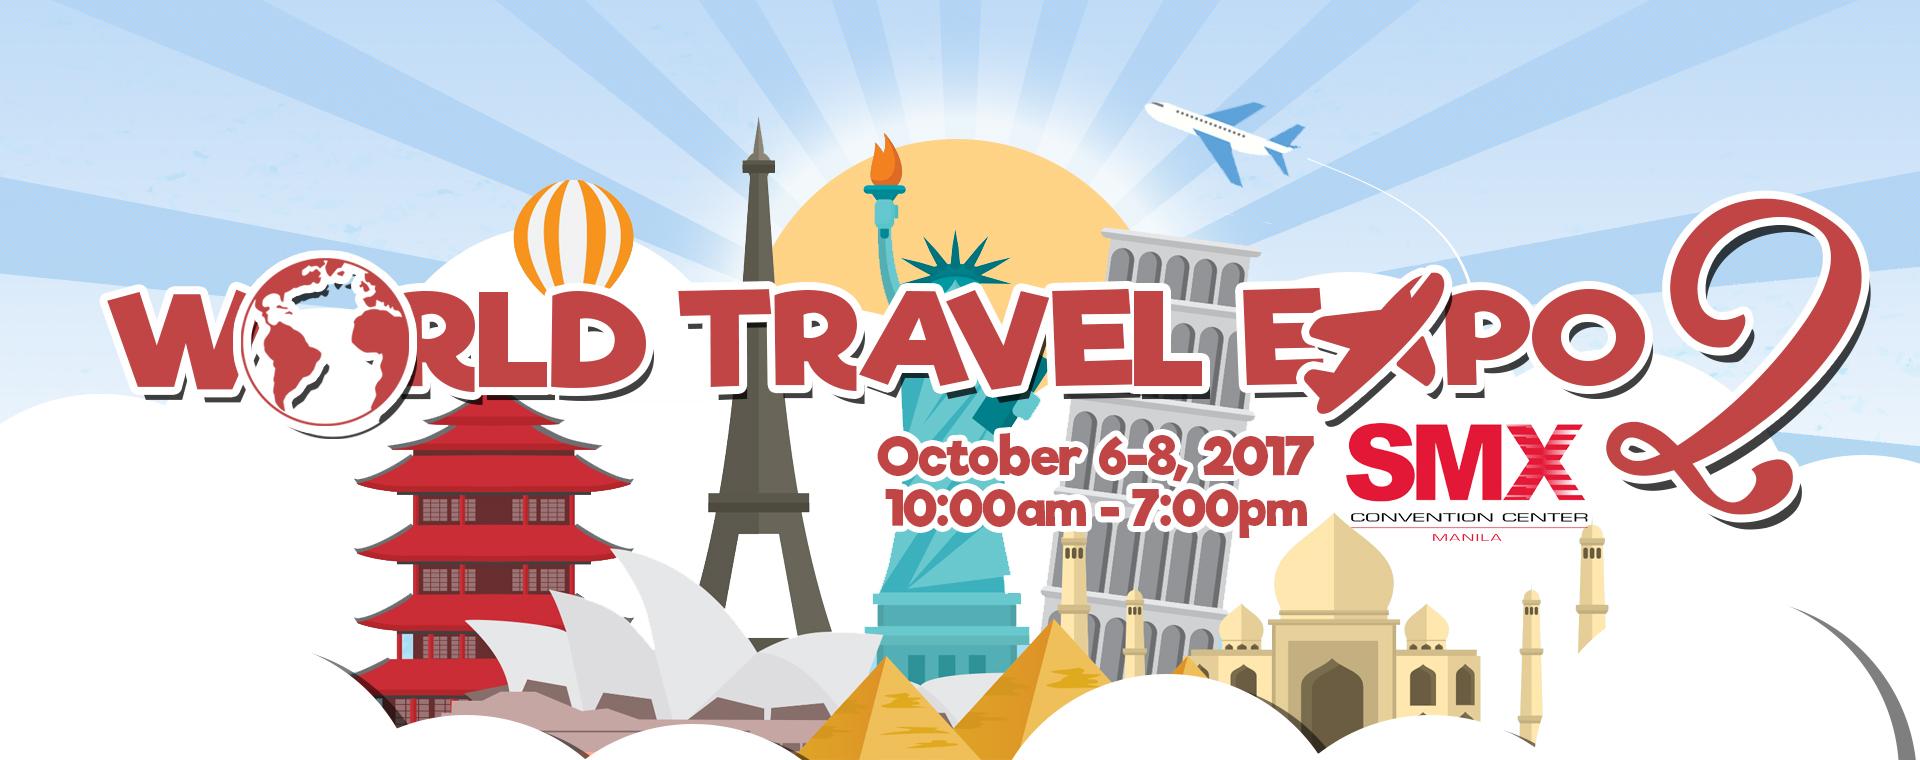 World Travel Expo 2017